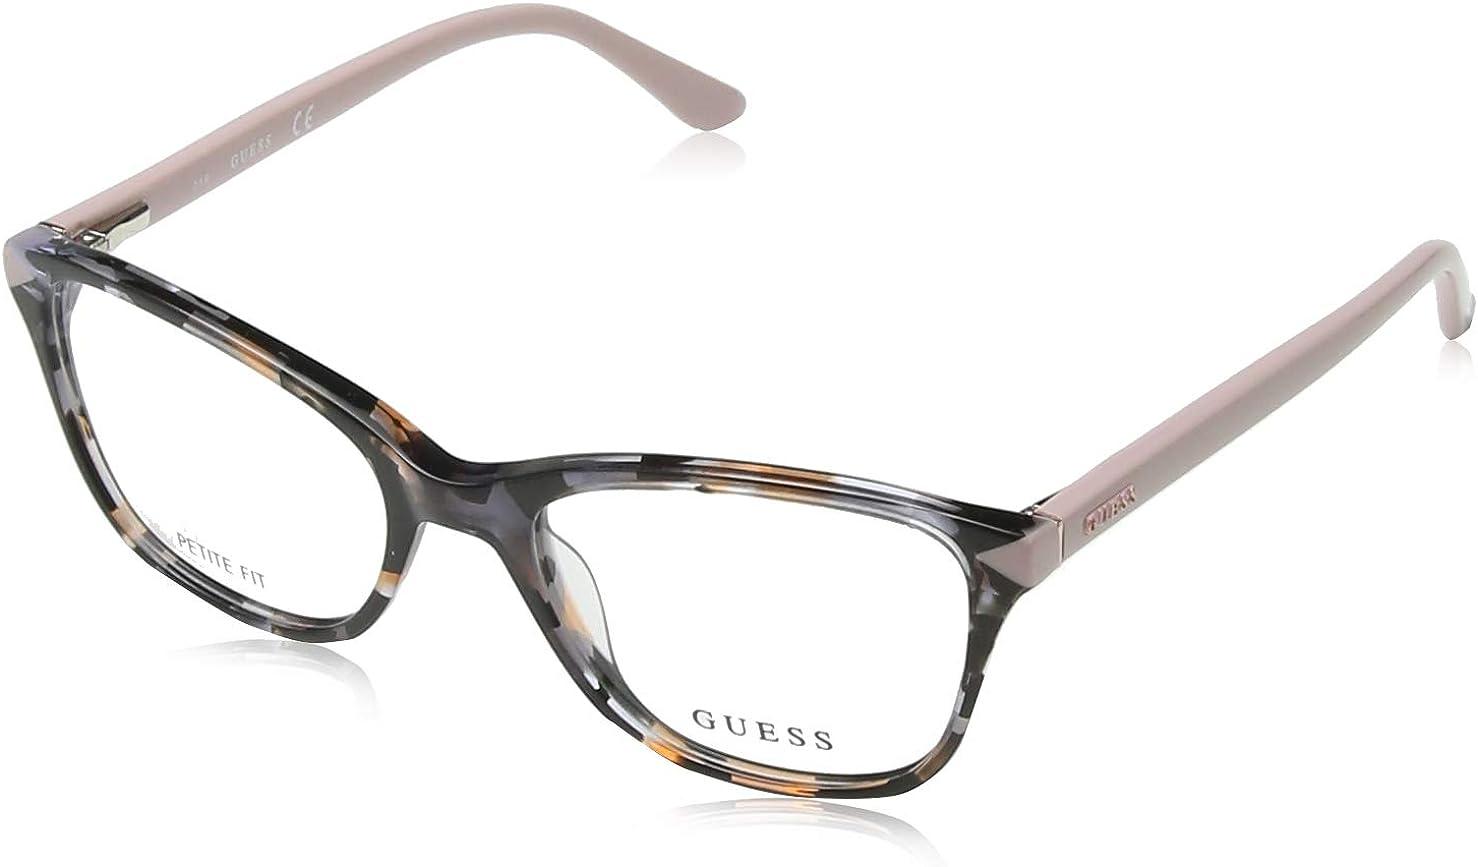 Eyeglasses Guess GU 2673 055 coloured havana